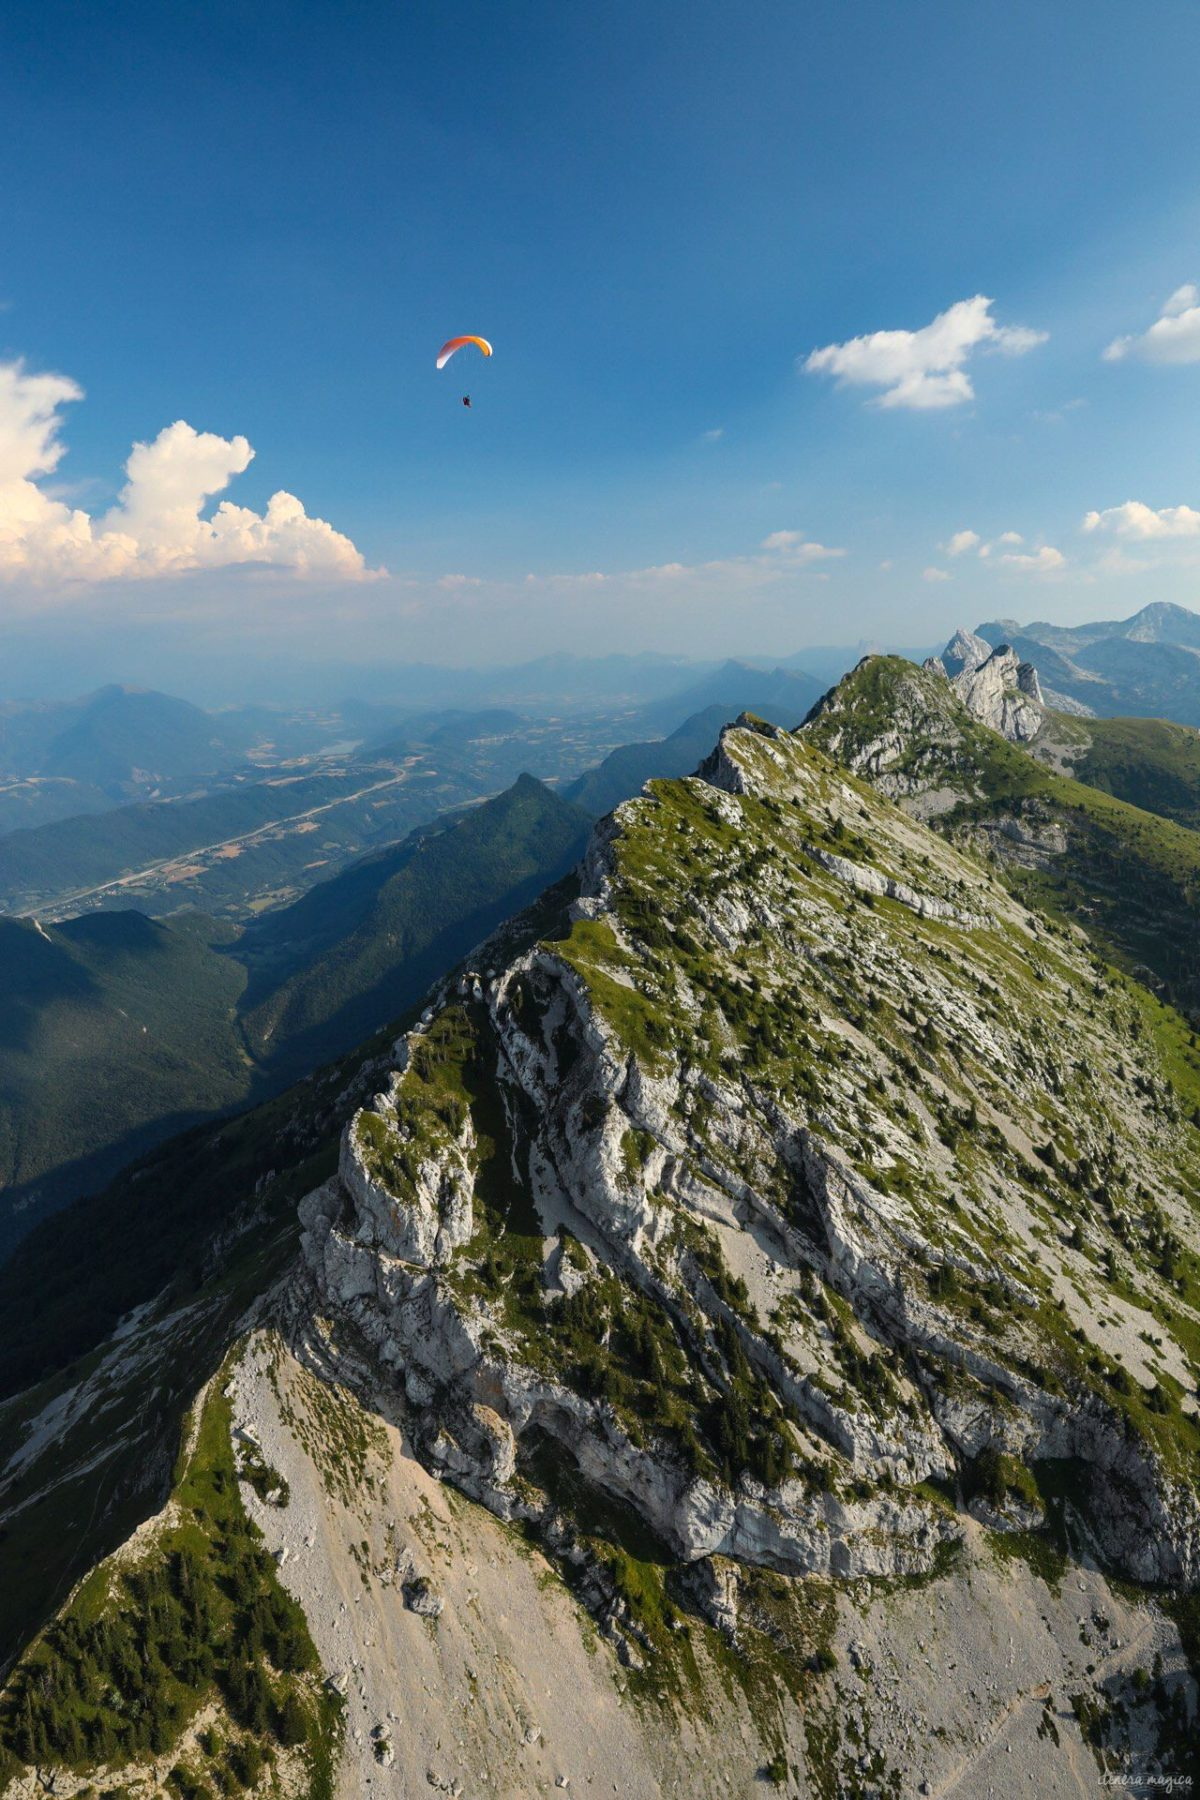 Découvrez les meilleures activités outdoor en Vercors : parapente, spéléologie, équitation, vélo, luge, canirando, etc. Activités de plein air dans les Alpes en été. #vercors